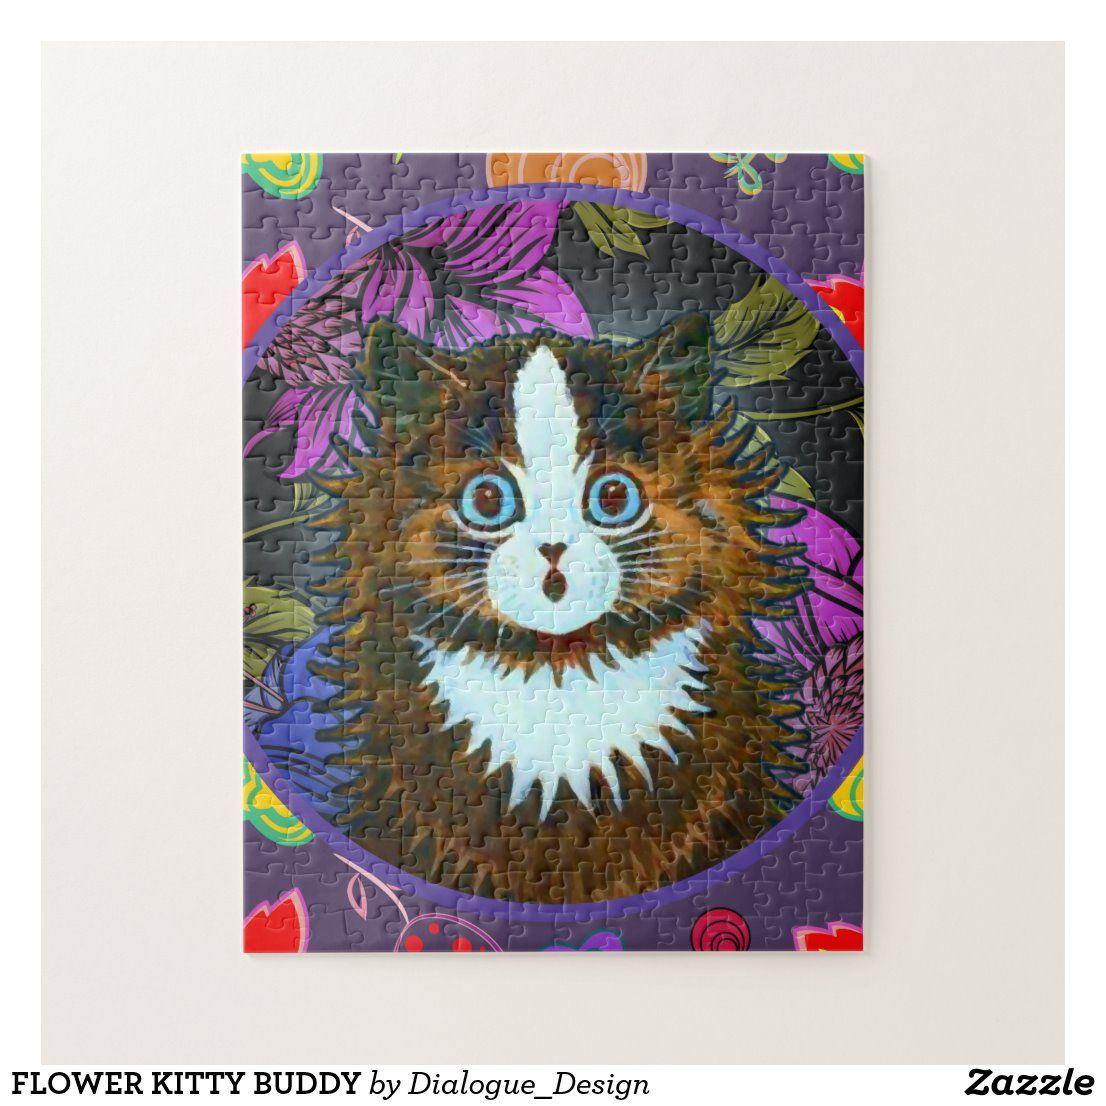 Flower Kitty Buddy Jigsaw Puzzle Zazzle Co Nz In 2020 Jigsaw